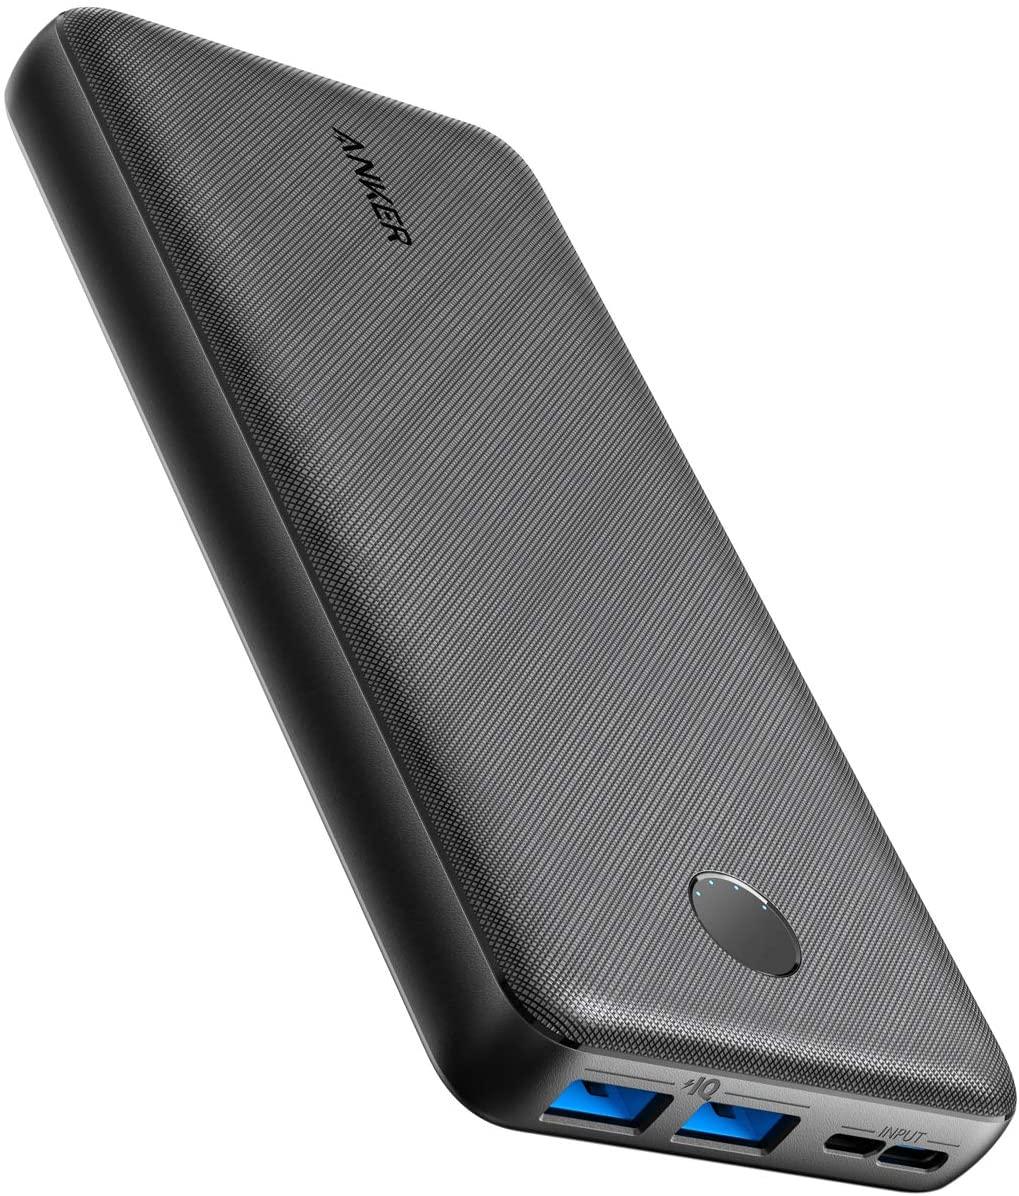 Anker Powerbank 20000 mAh Anker PowerCore Essential Bateria externa, con tecnología PowerIQ y entrada USB-C, cargador portatil de gran capacidad compatible con iPhone, Samsung, iPad y más